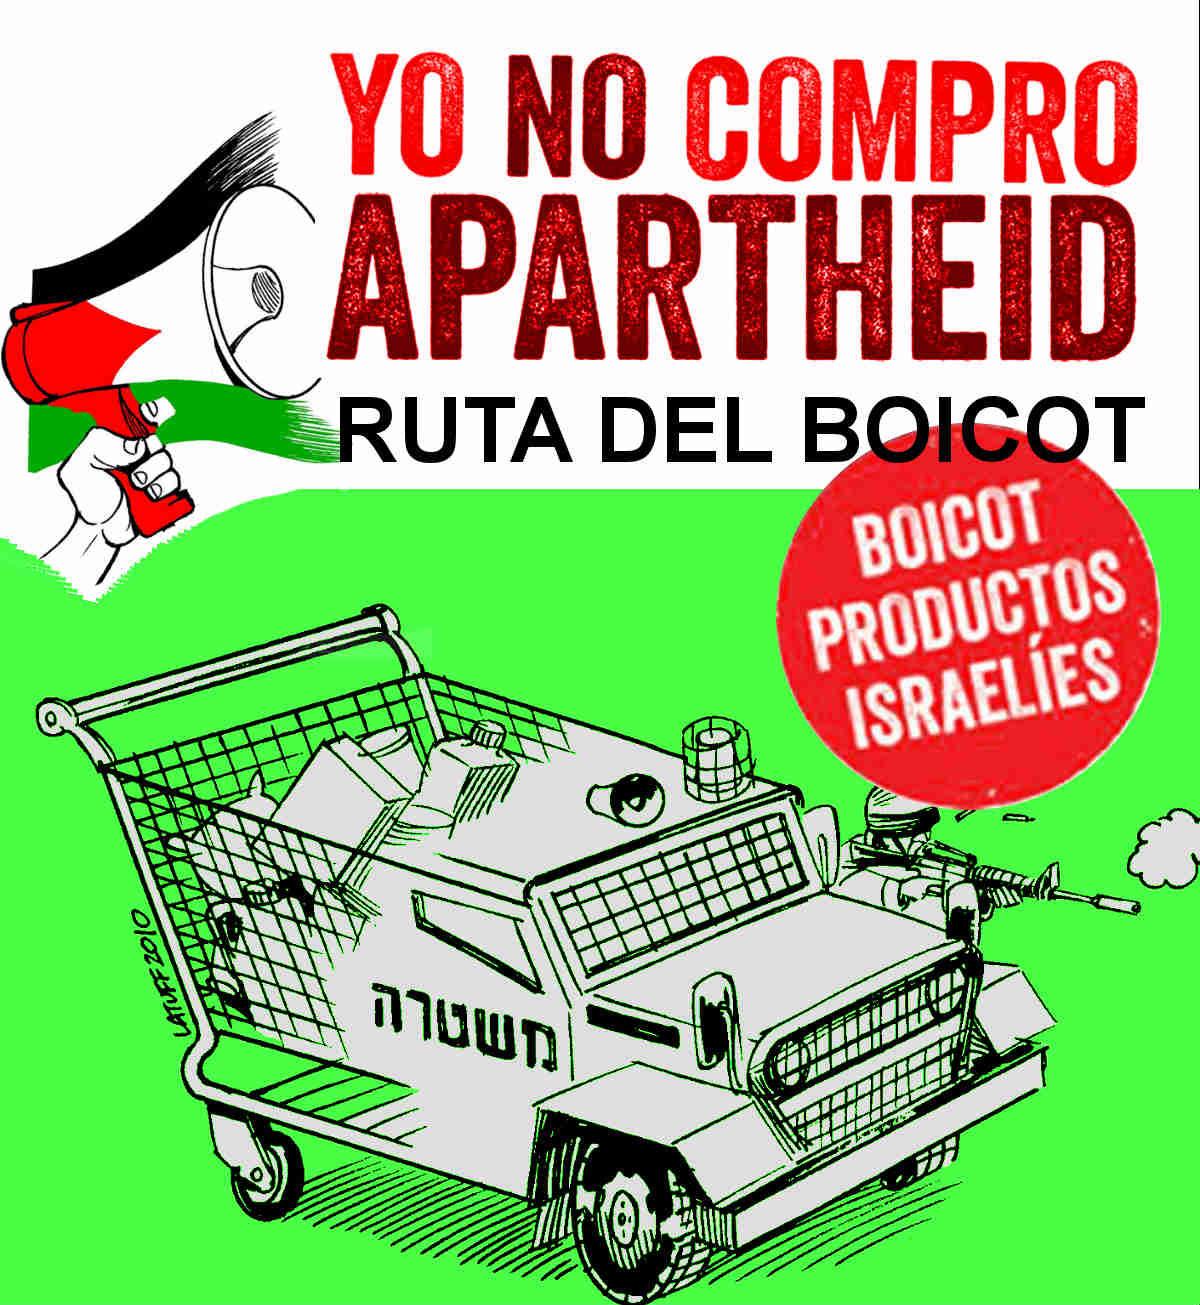 Ruta del boicot